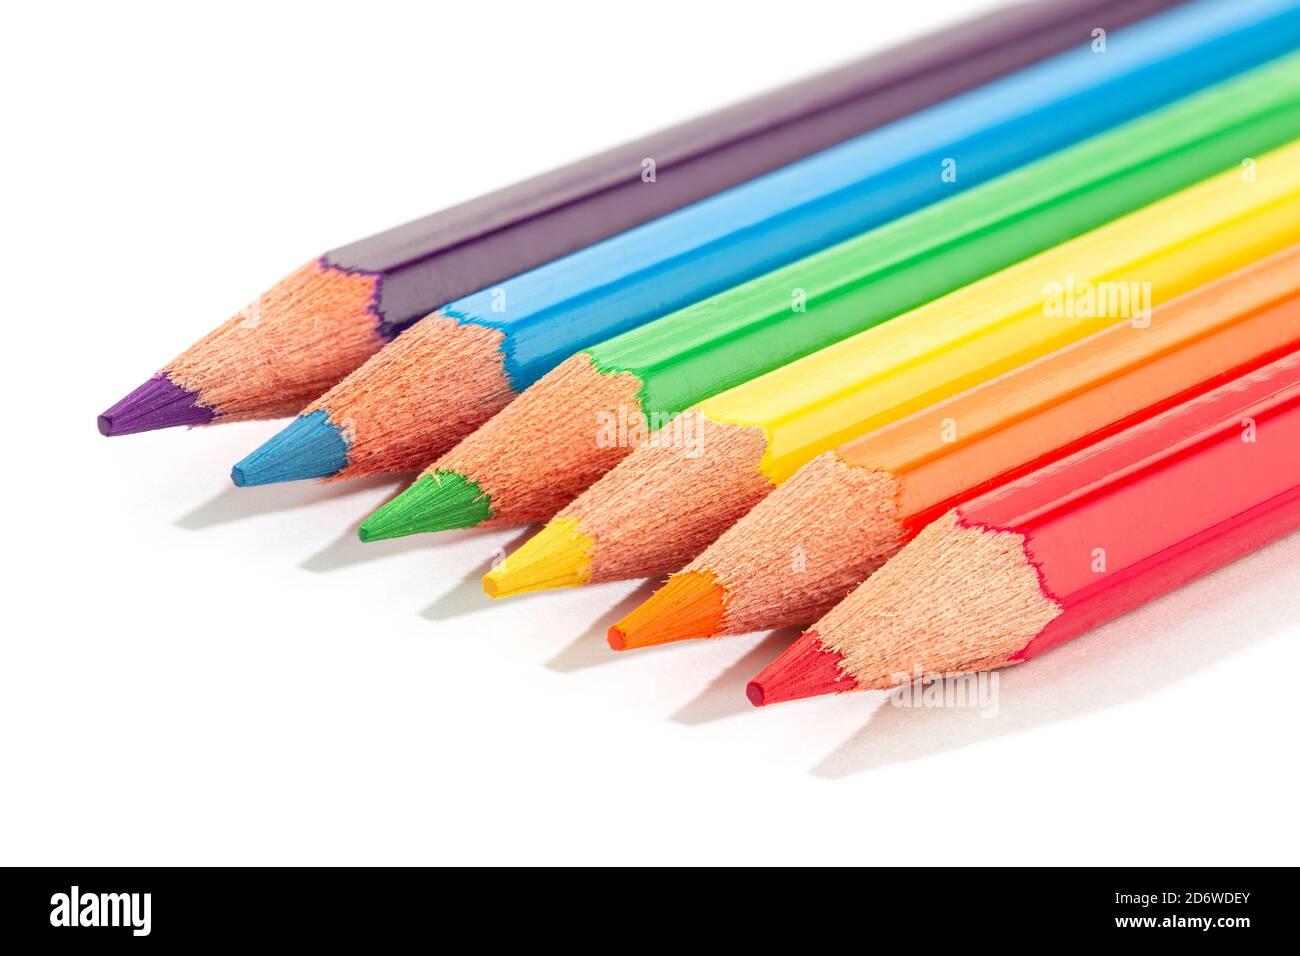 Lápices de colores aislados sobre fondo blanco. Lápices de colores LGBTQ con bandera arco iris. Espacio de copia Foto de stock